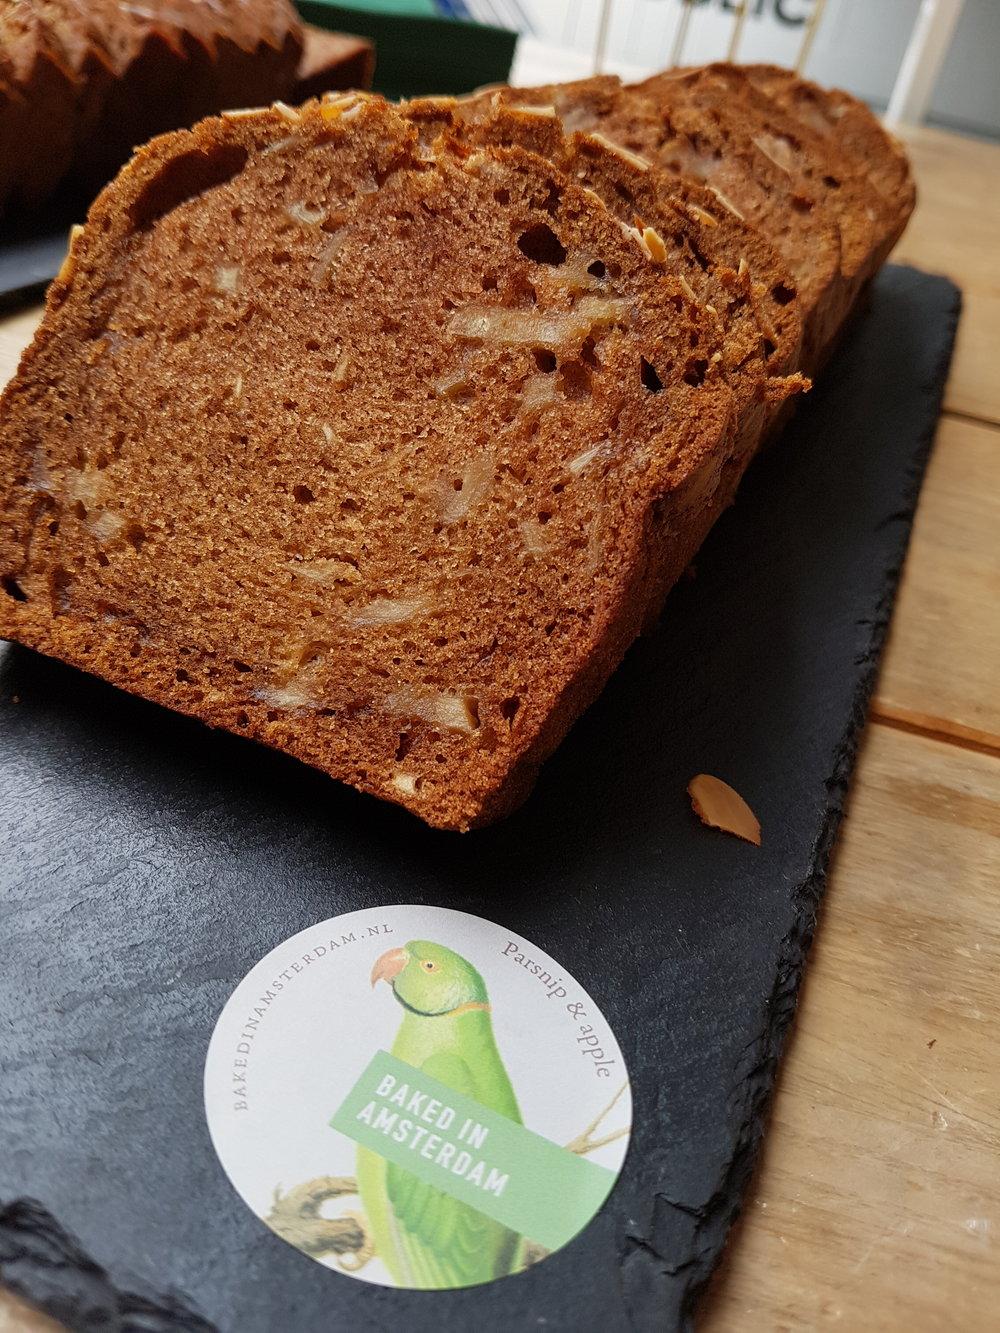 Appel-pastinaakcake van Baked in Amsterdam